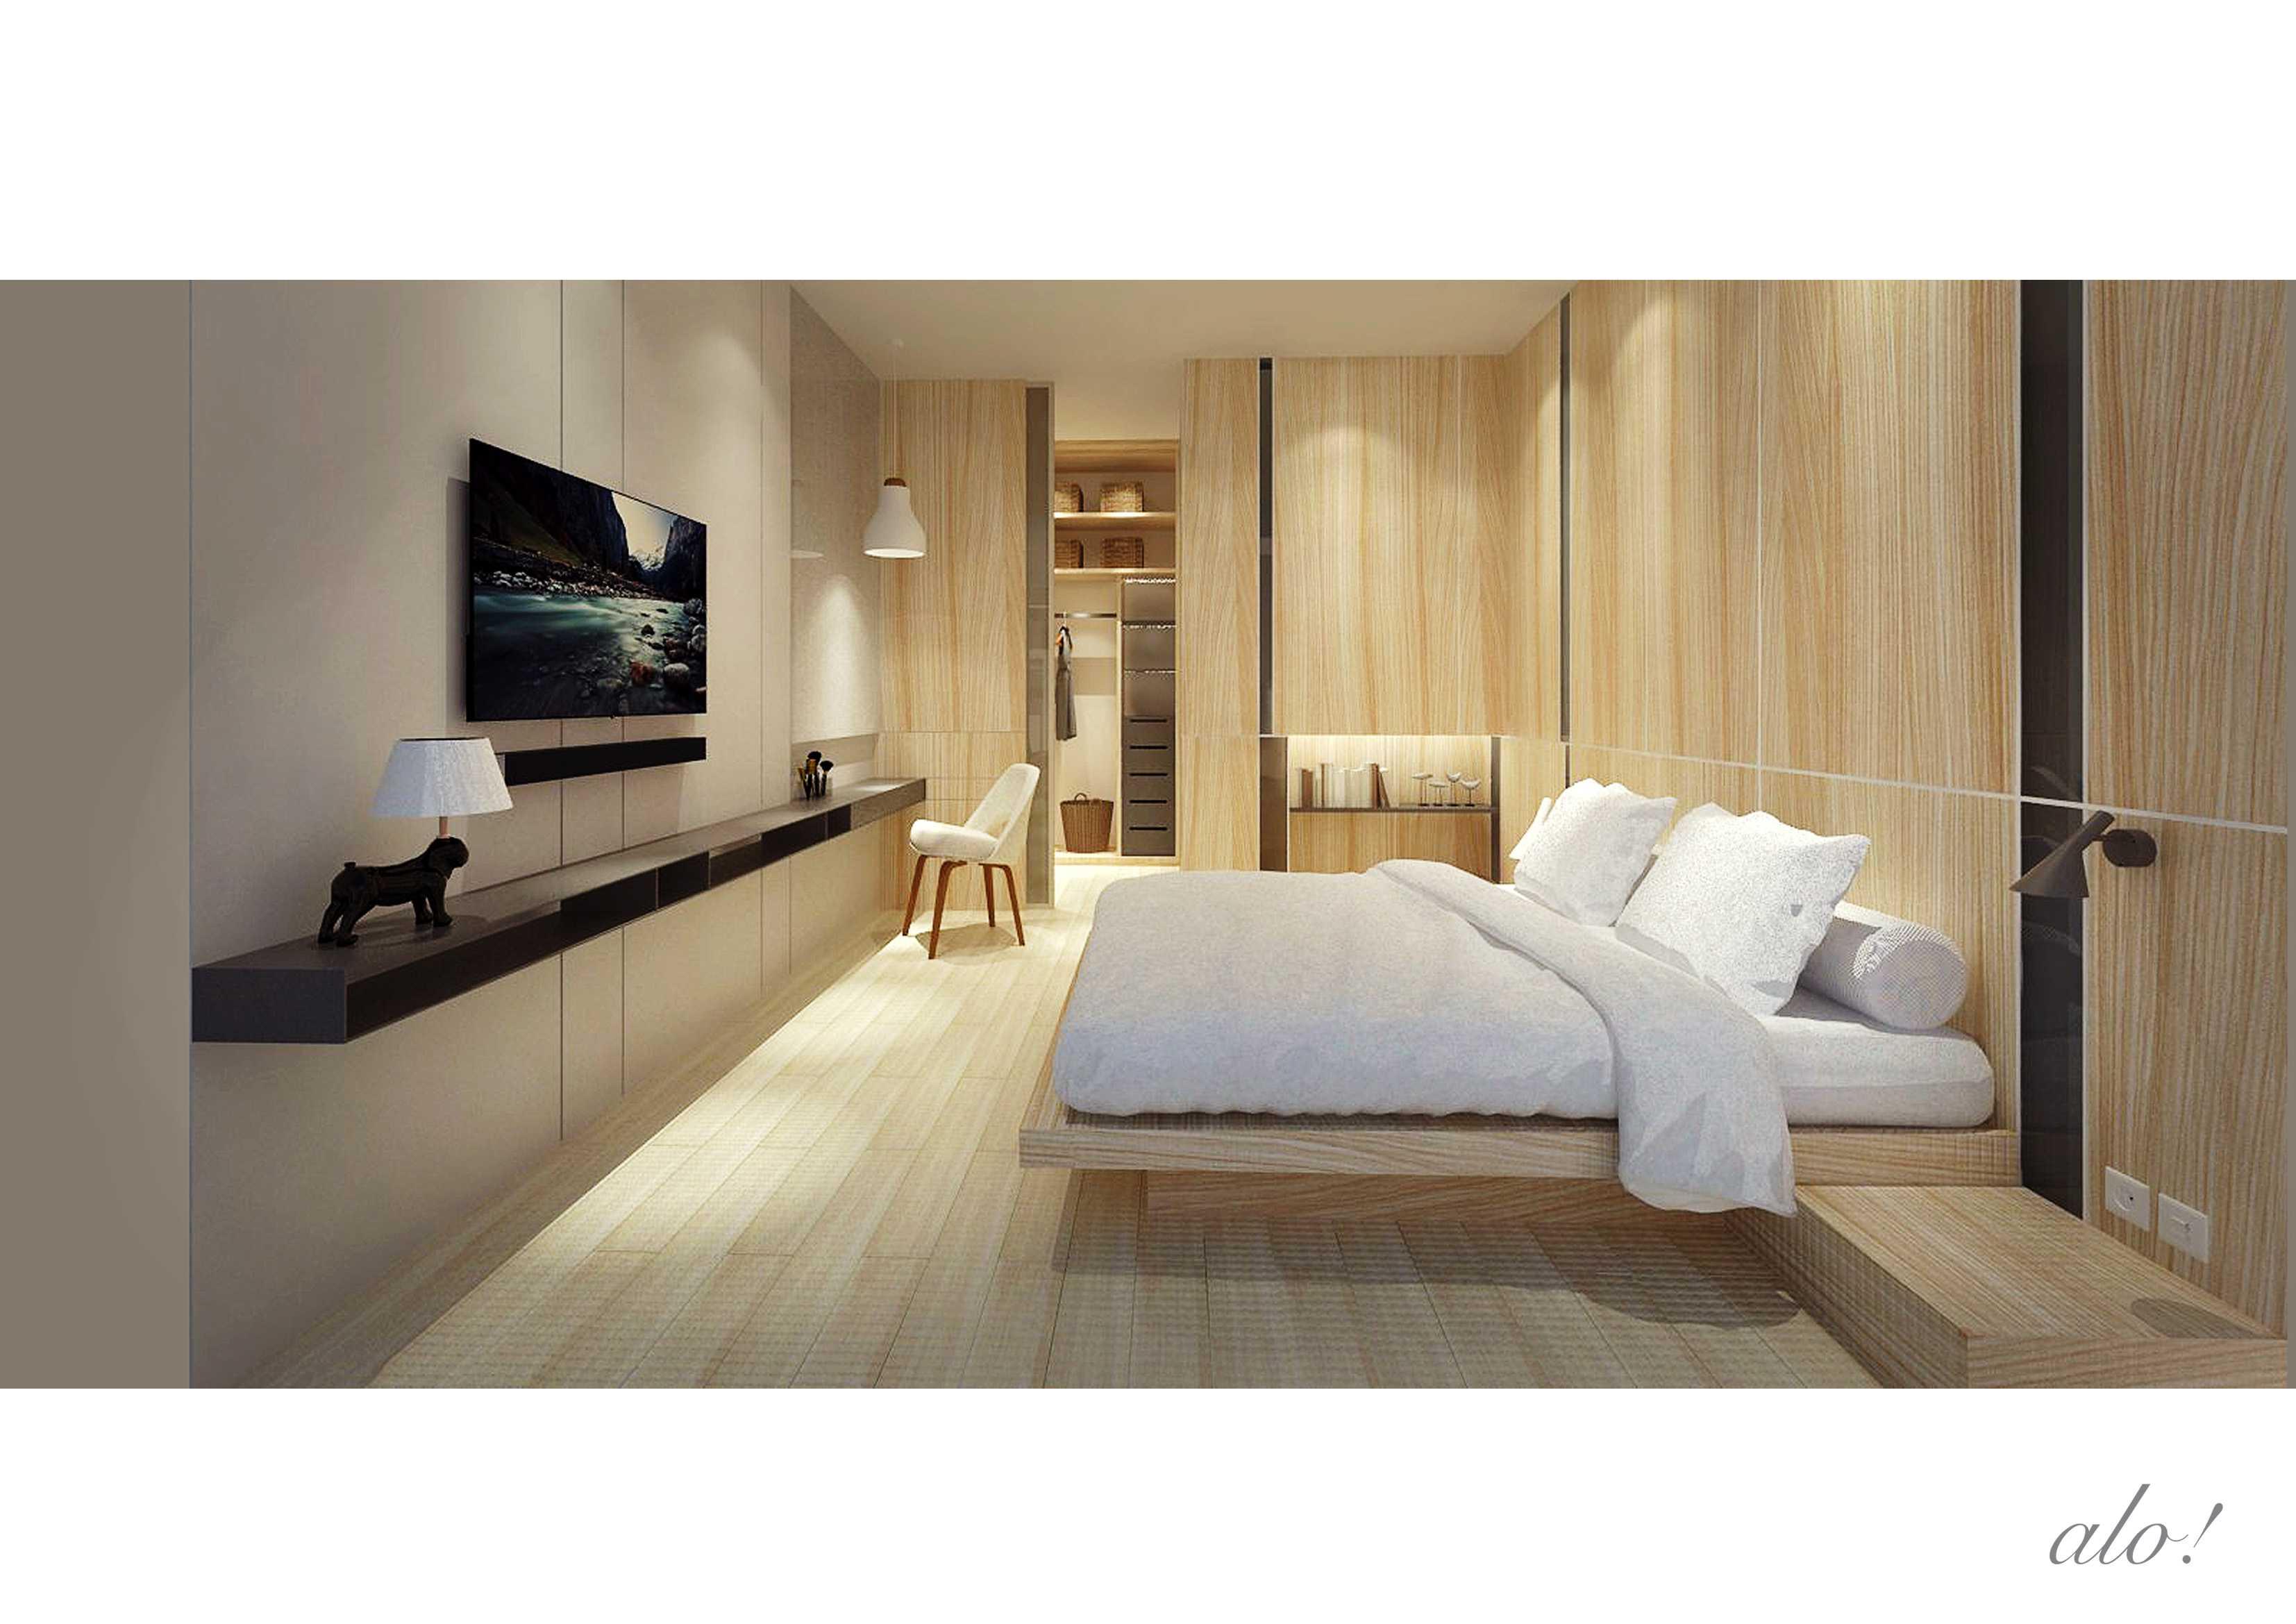 Studio Alo V's House Medan, Kota Medan, Sumatera Utara, Indonesia Medan, Kota Medan, Sumatera Utara, Indonesia Studio-Alo-Vs-House   49881